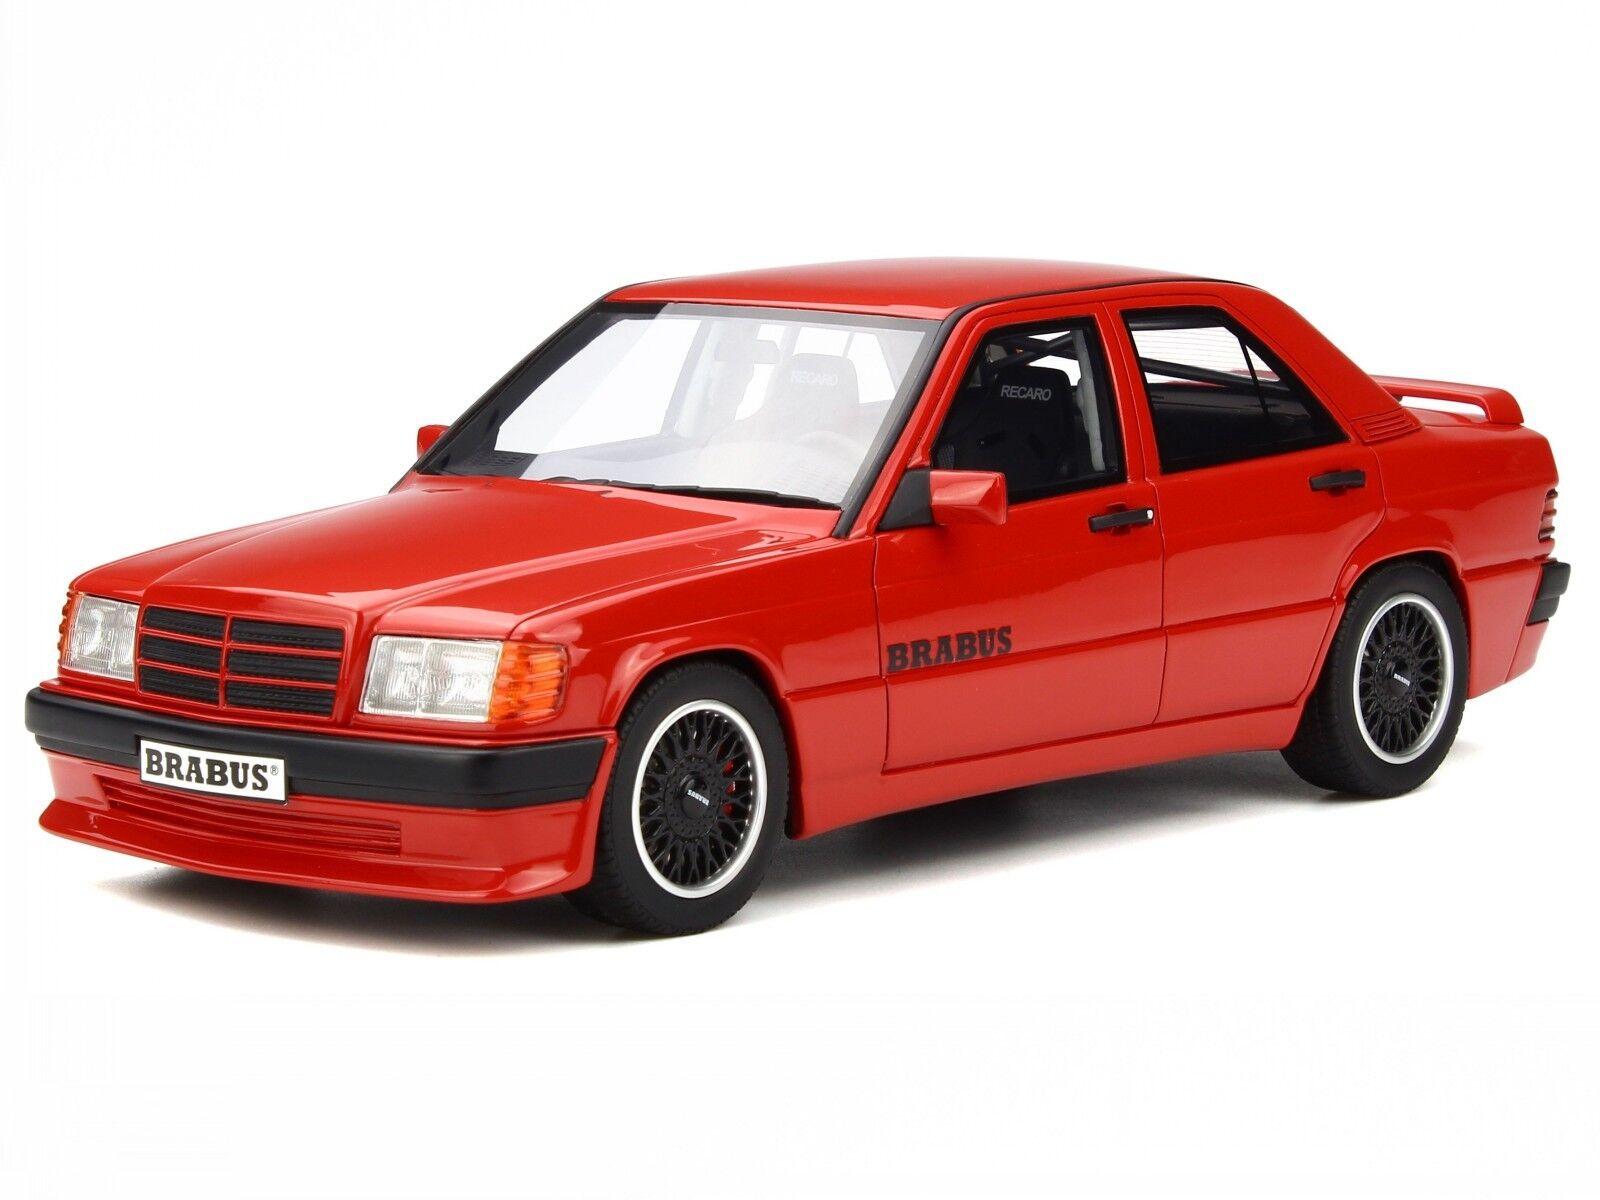 Mercedes W201 190E 3.6S BRABUS red diecast modelcar OT674 Otto 1 18